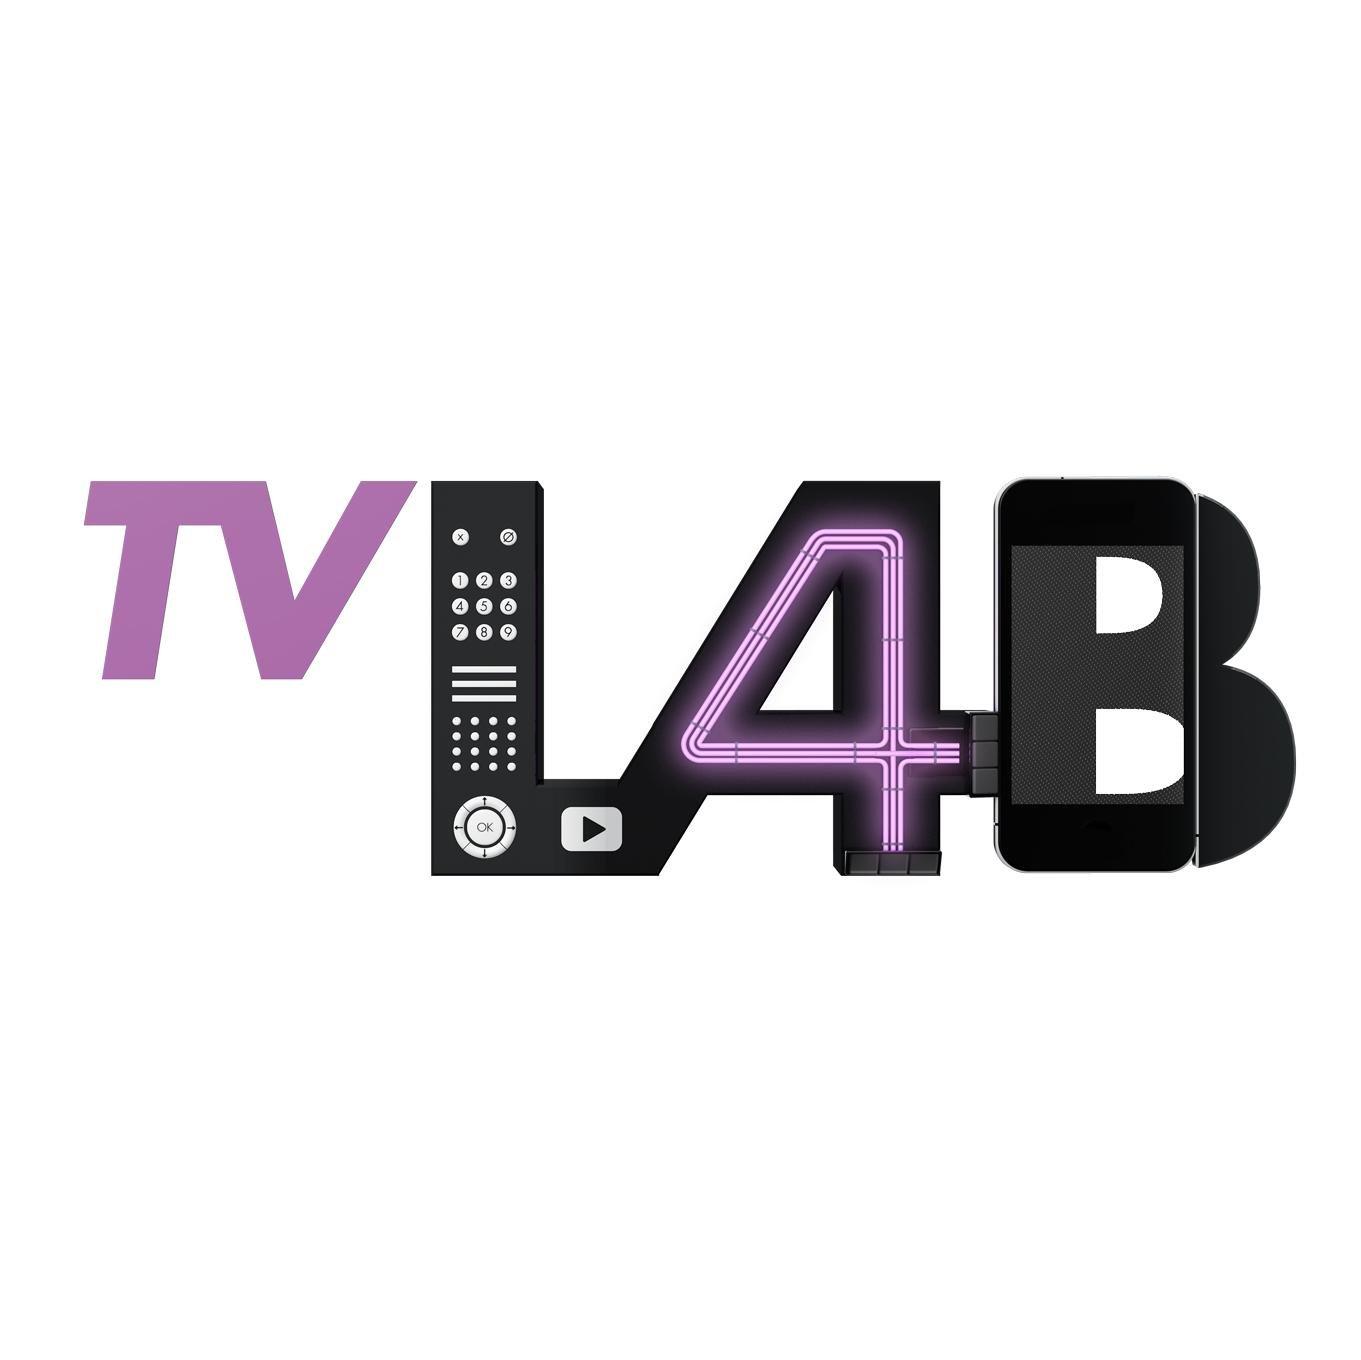 Tvl4b